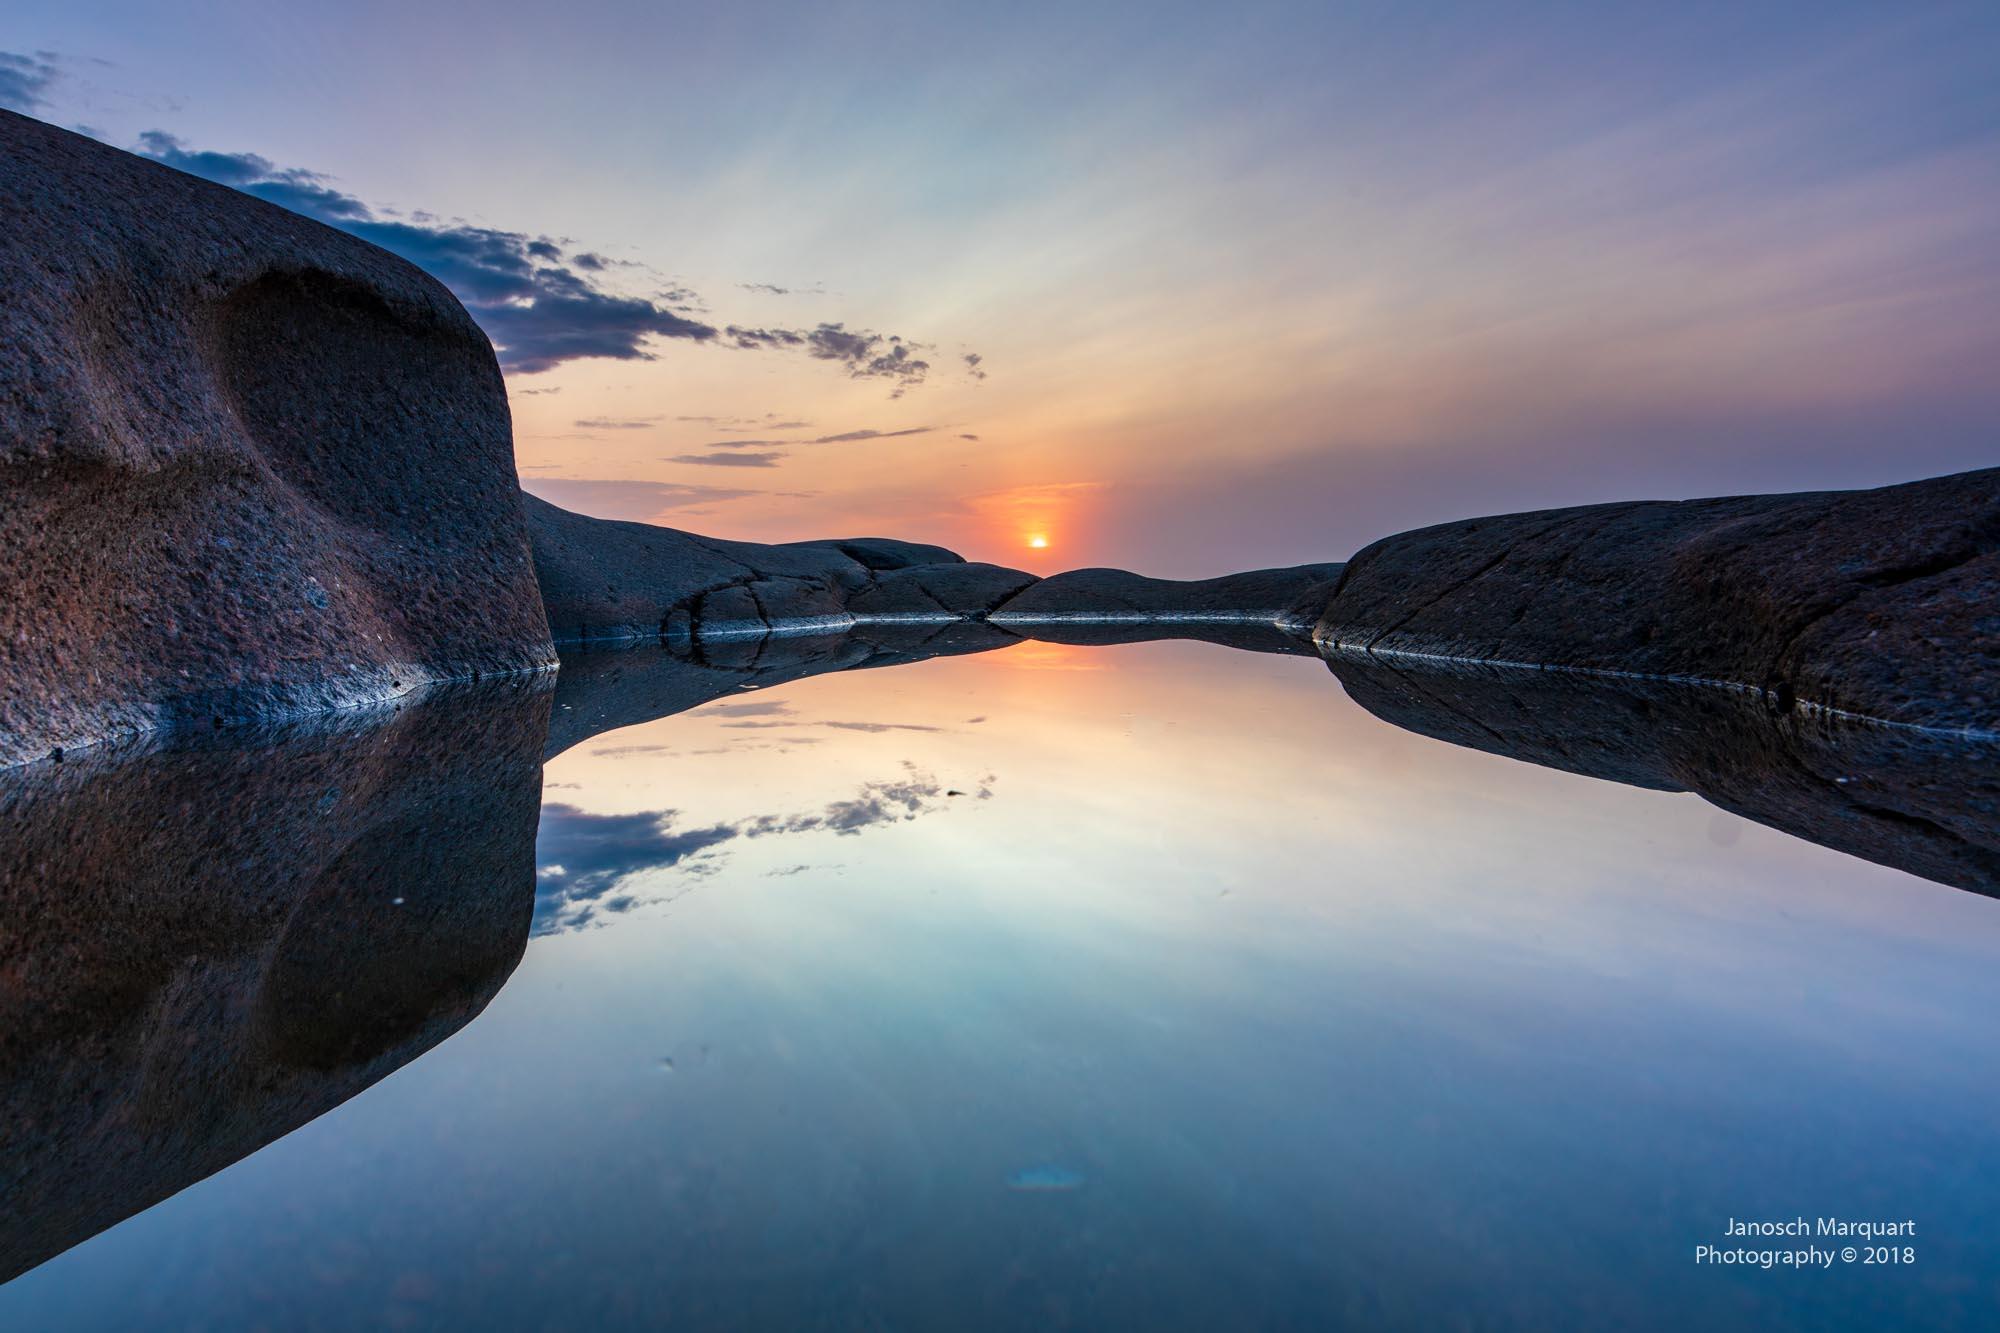 Foto einer Spiegelung des Sonnenaufgangs im Wasser zwischen Steinen.